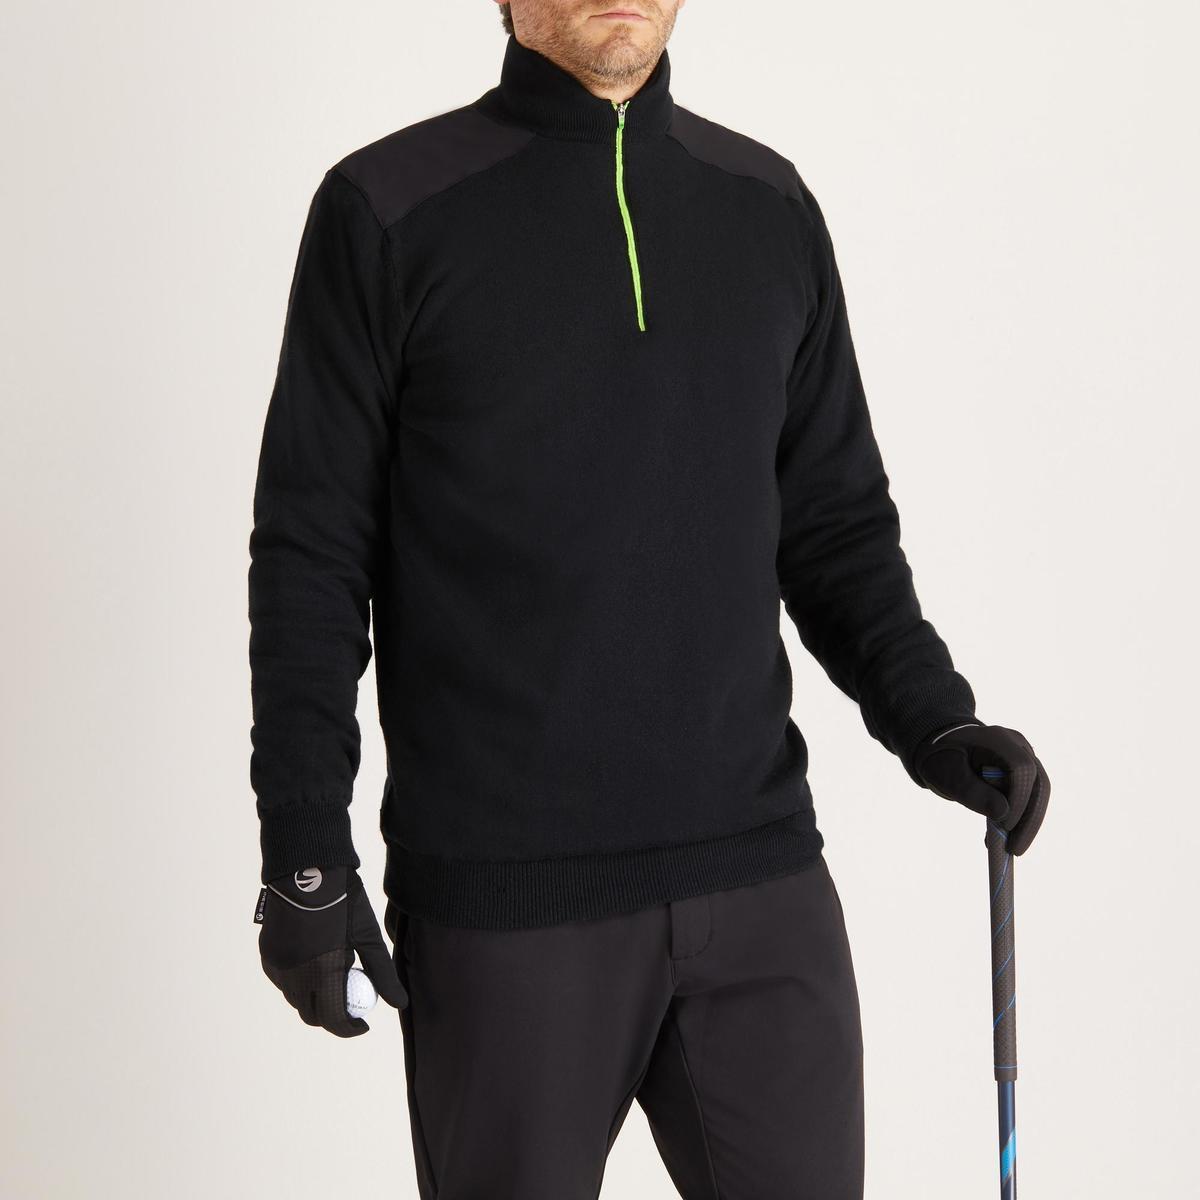 Bild 2 von Golf Pullover winddicht warm Herren schwarz